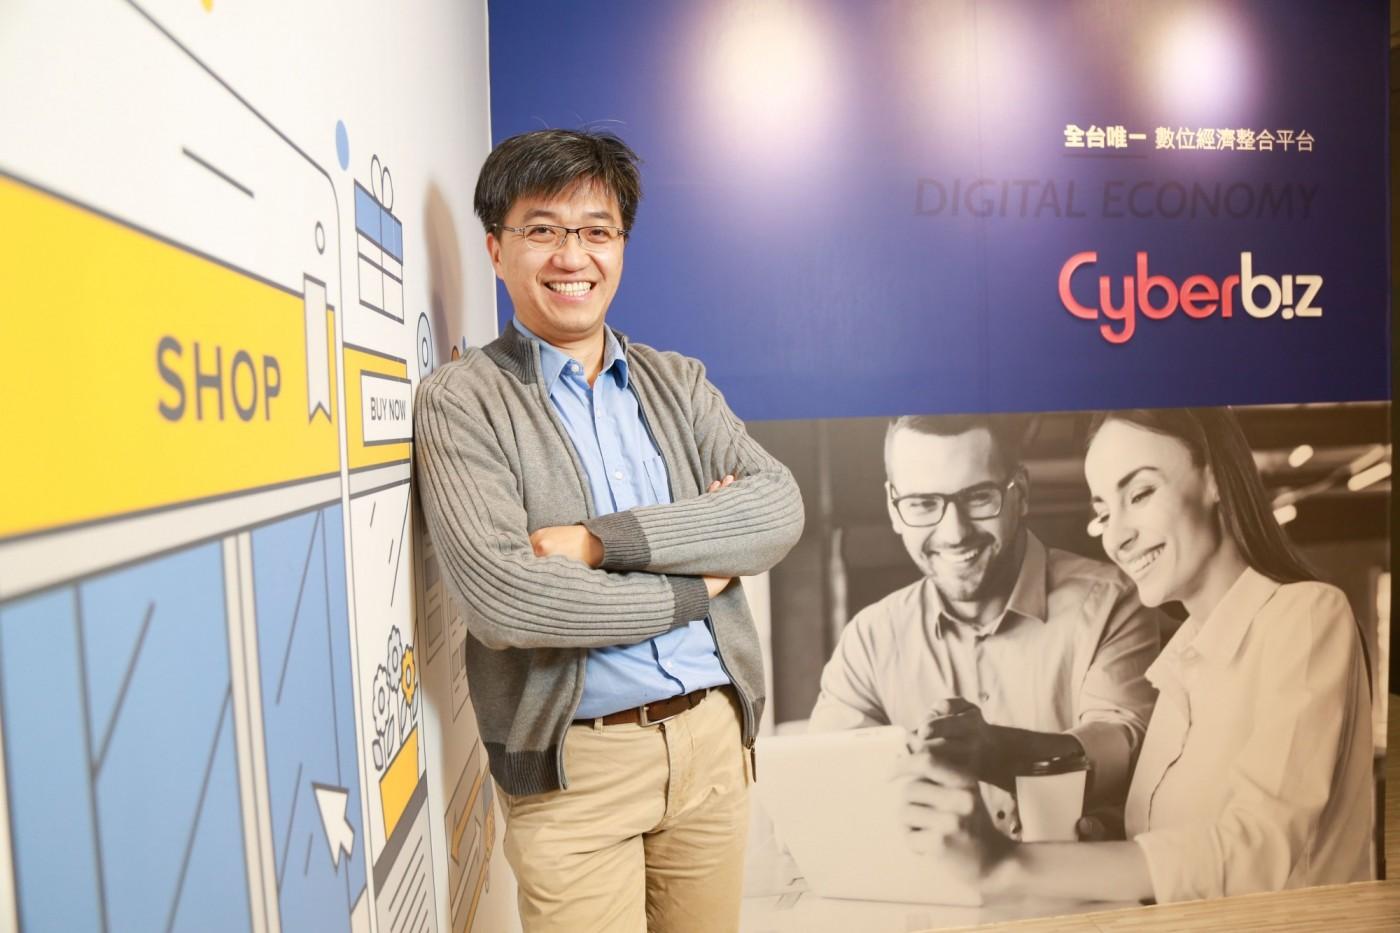 整合電商、POS和倉儲,一站式開店平台Cyberbiz助品牌迎接新零售時代!